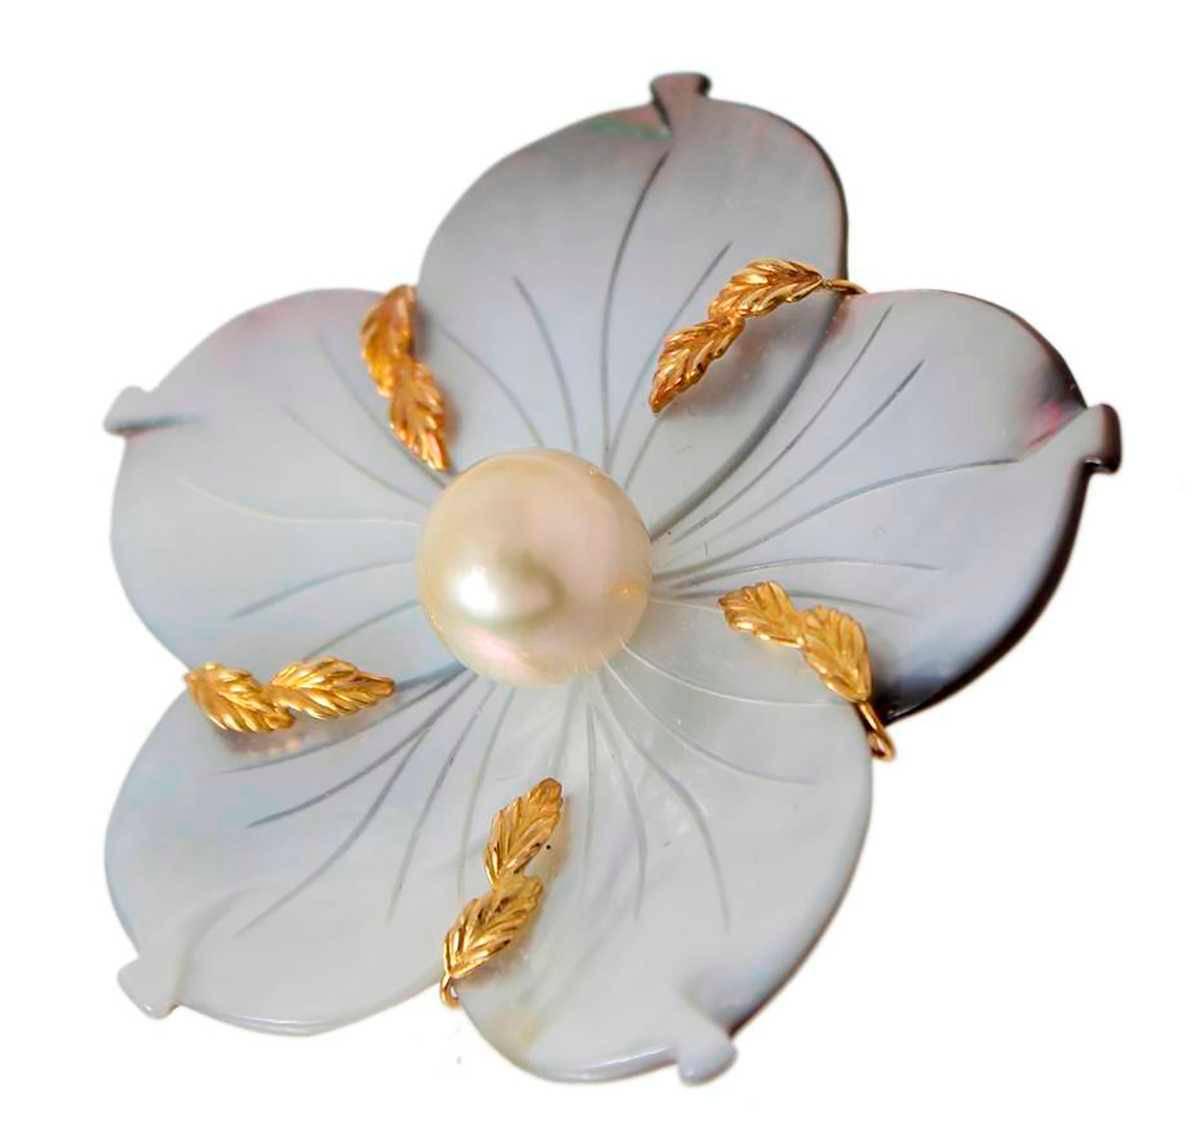 【中古】 梅の花モチーフ パール シェルブローチ ペンダントトップ 和装小物 K18YG/18金イエローゴールド×天然シェル7×6.7(cm)×南洋真珠14.0-14.3mm珠 重量28.4g NT-no 美品 Aランク